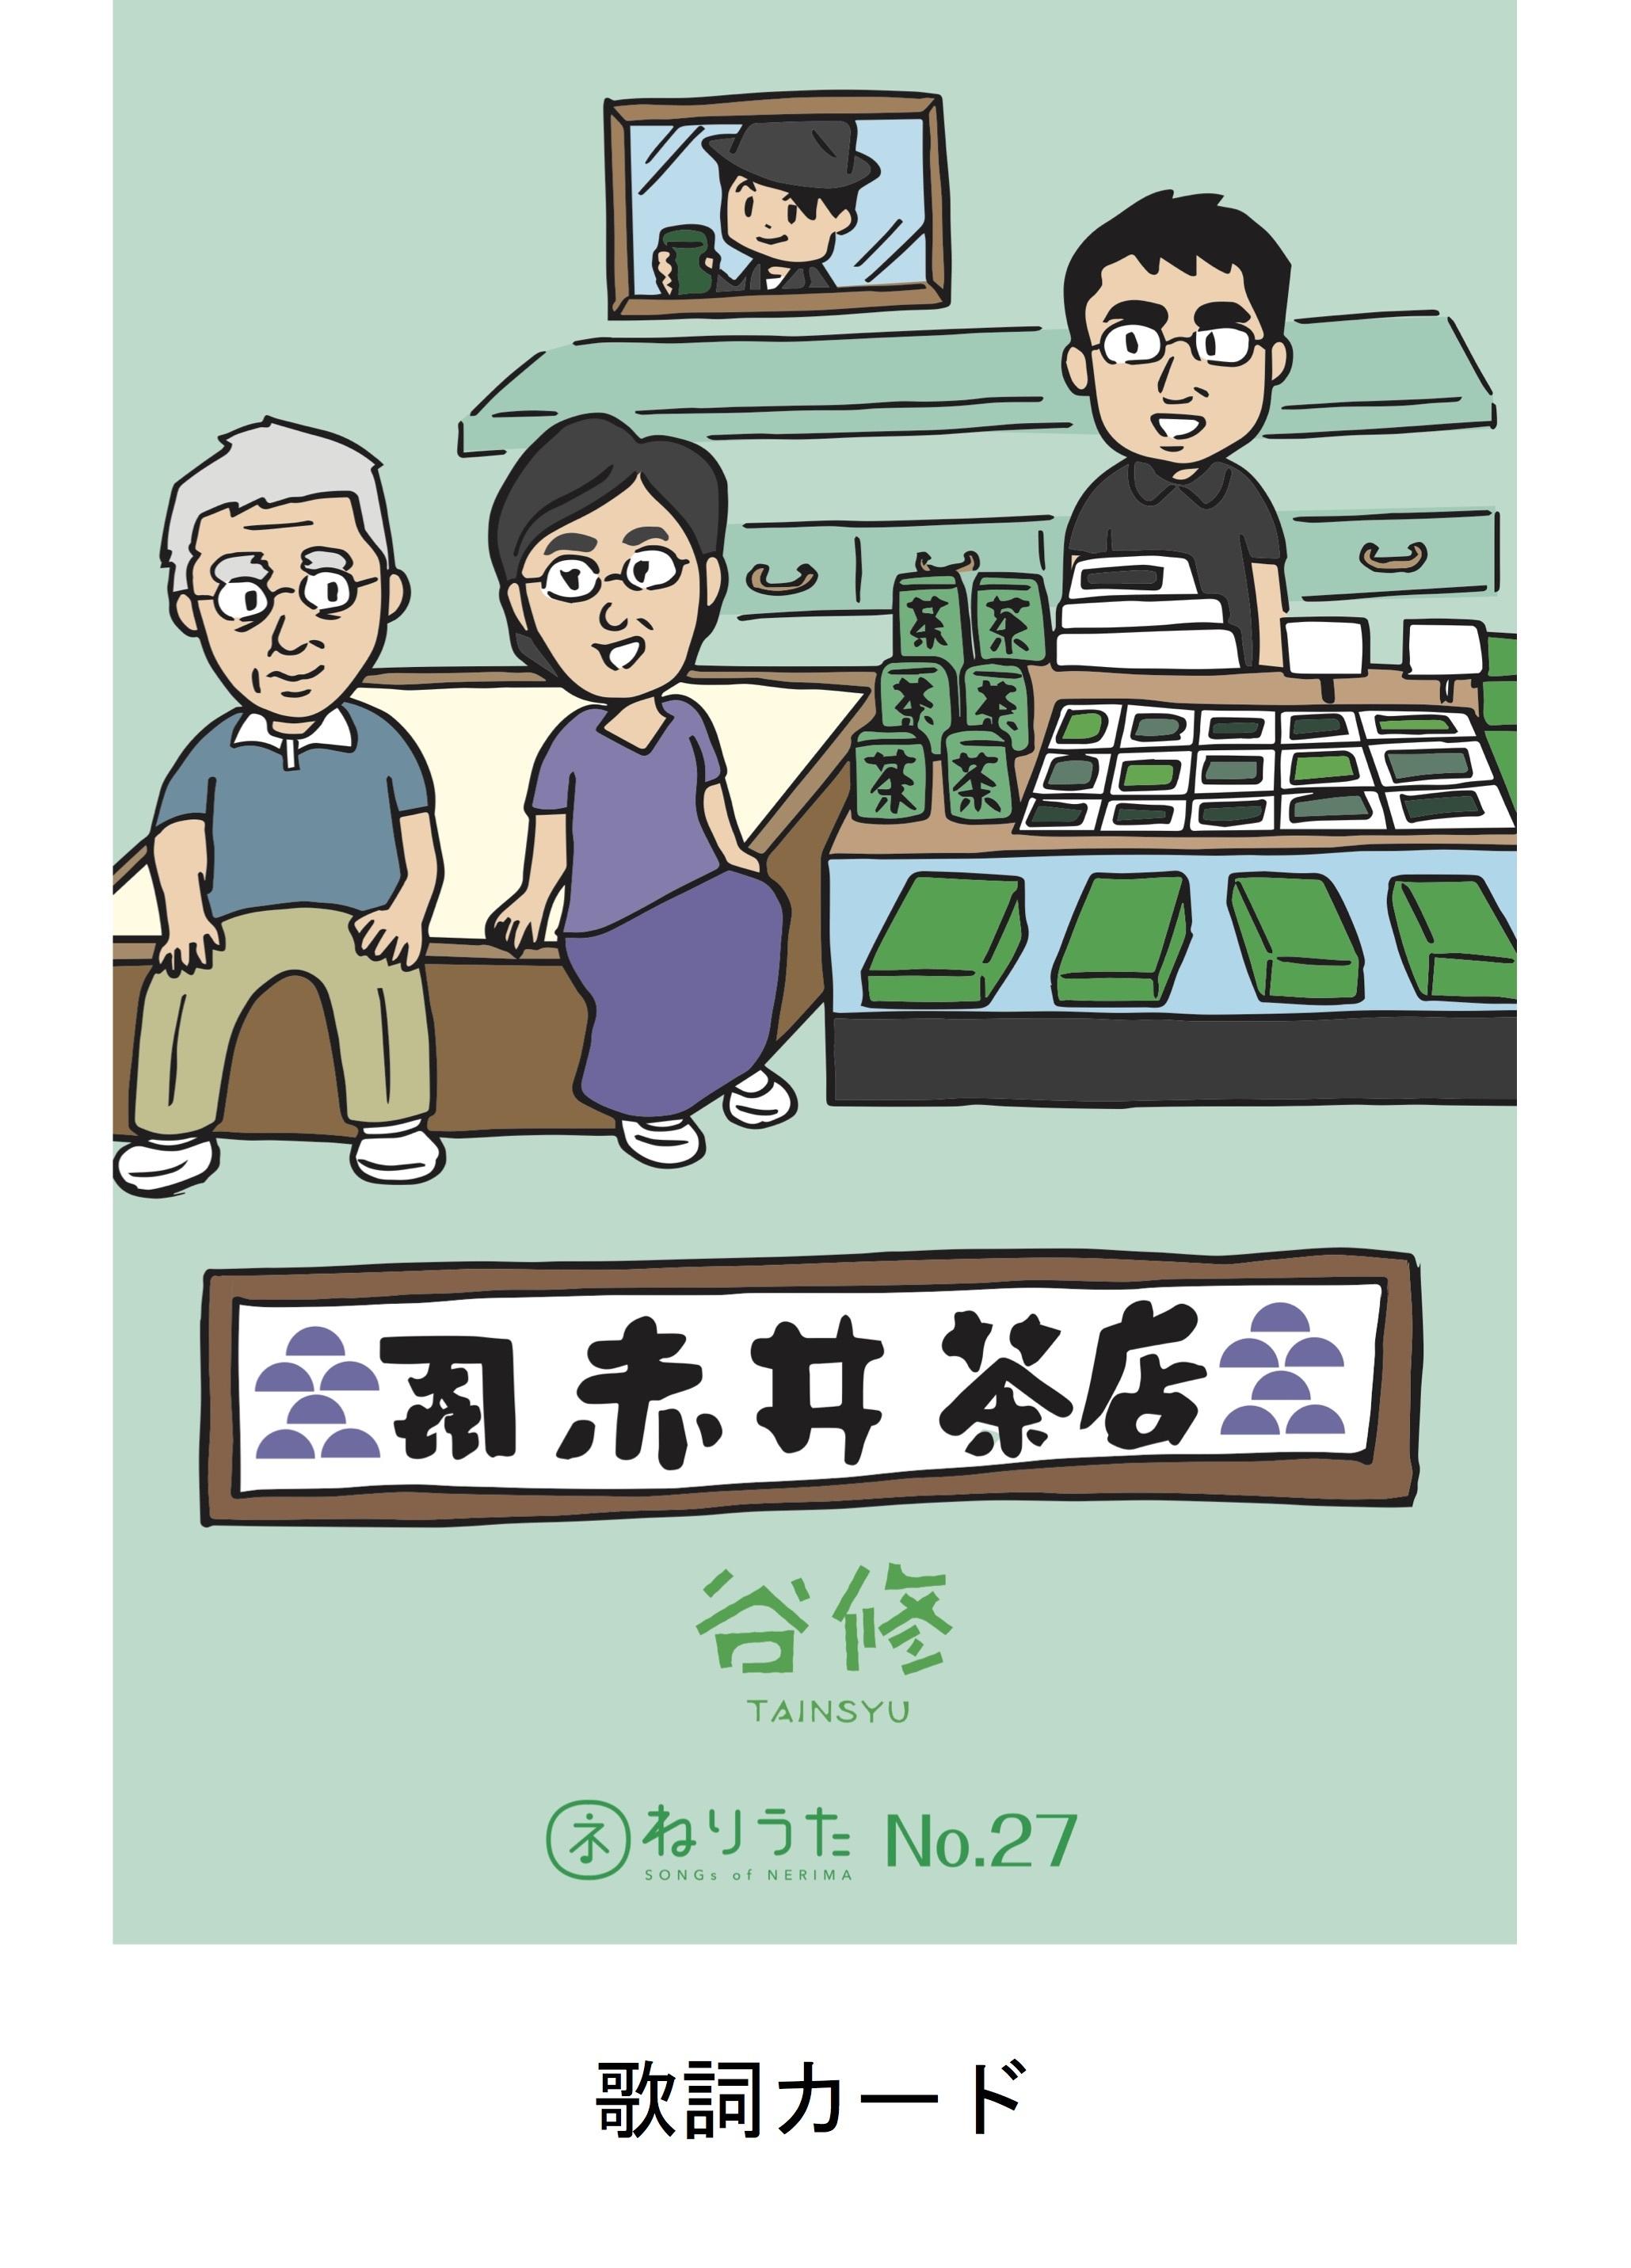 ねりうた #27 「赤井茶店」歌詞カード